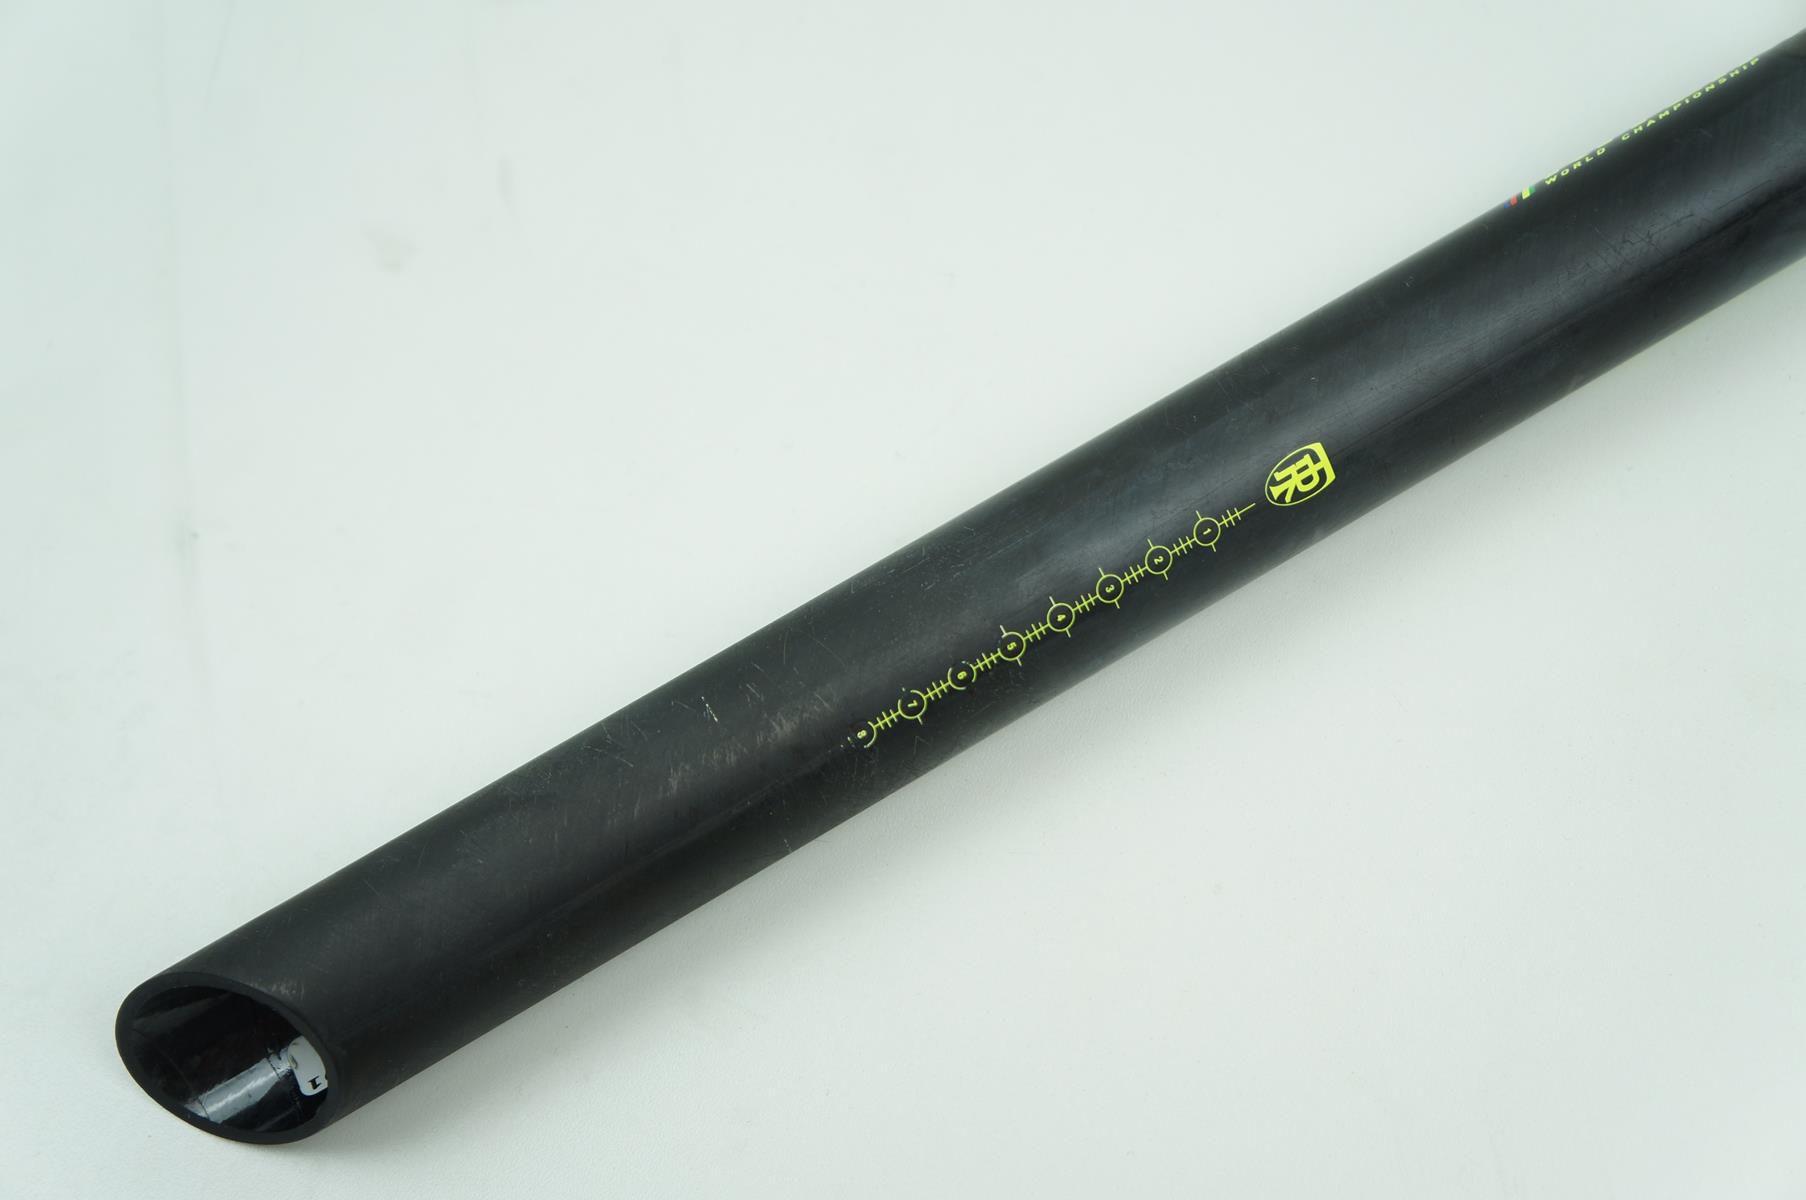 Canote Mtb Ritchey Wcs 31.6mm 400mm Setback Em Carbono 191g - USADO